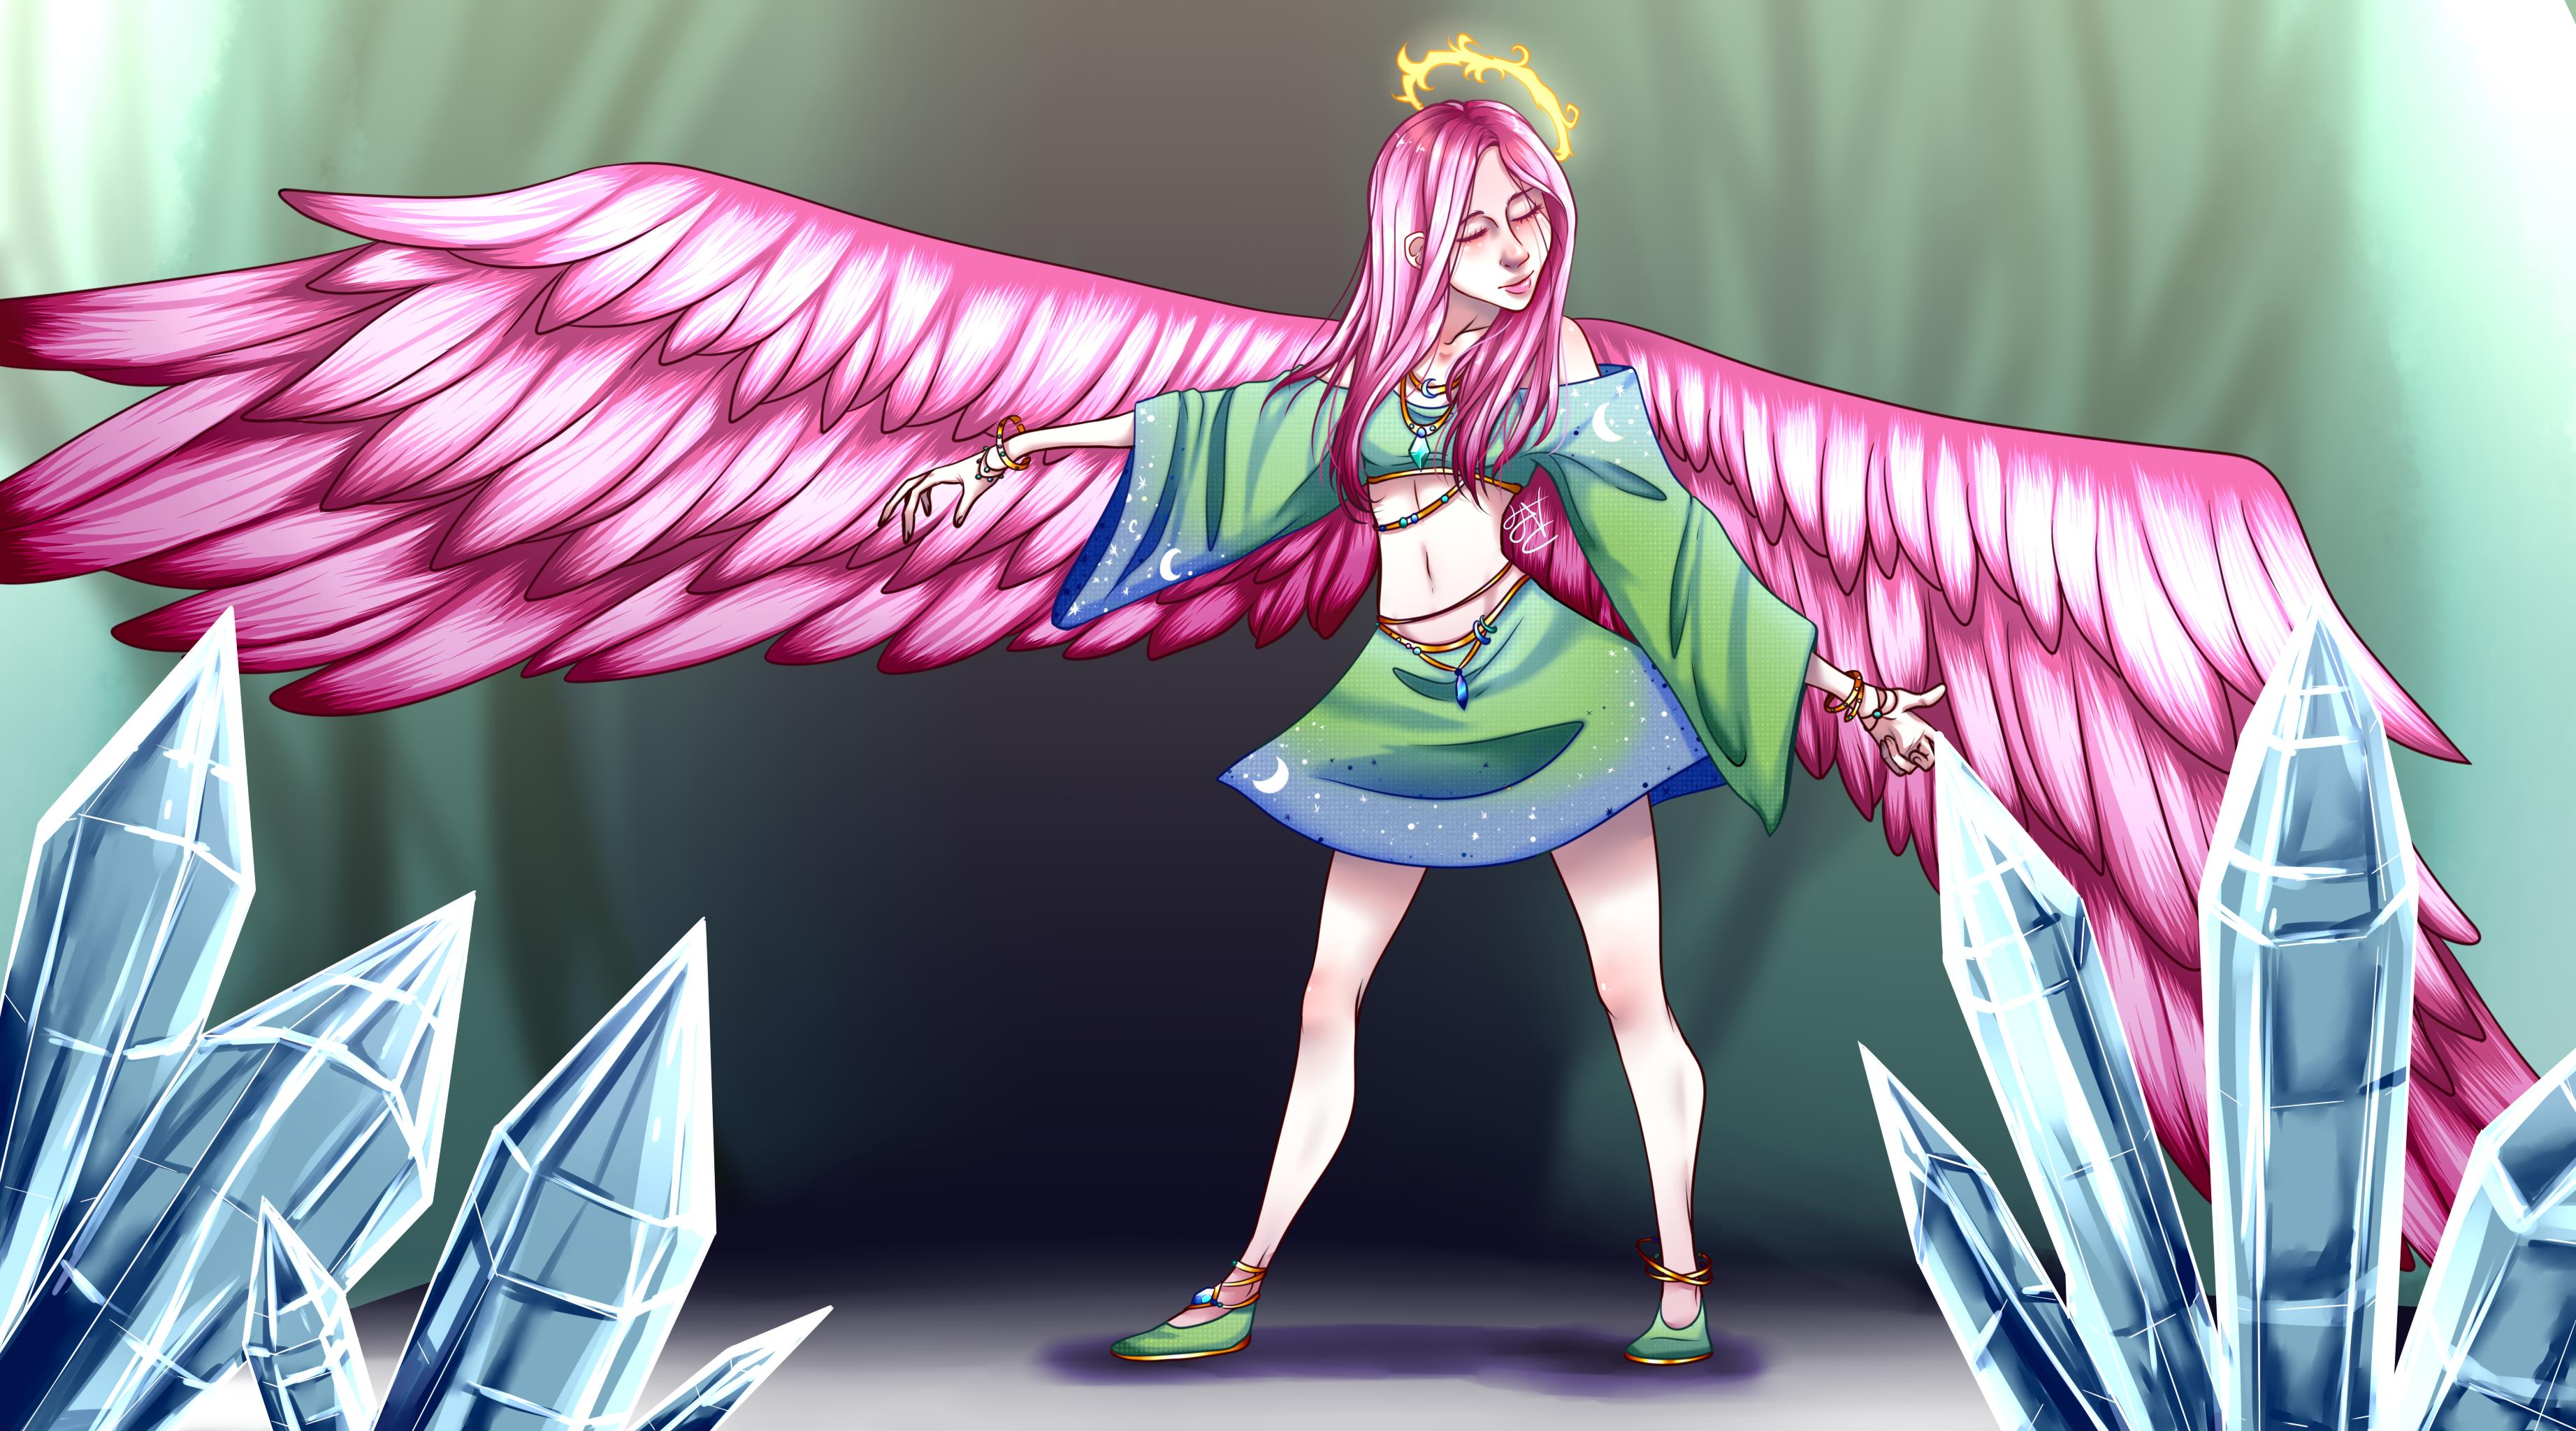 Angelic Hope